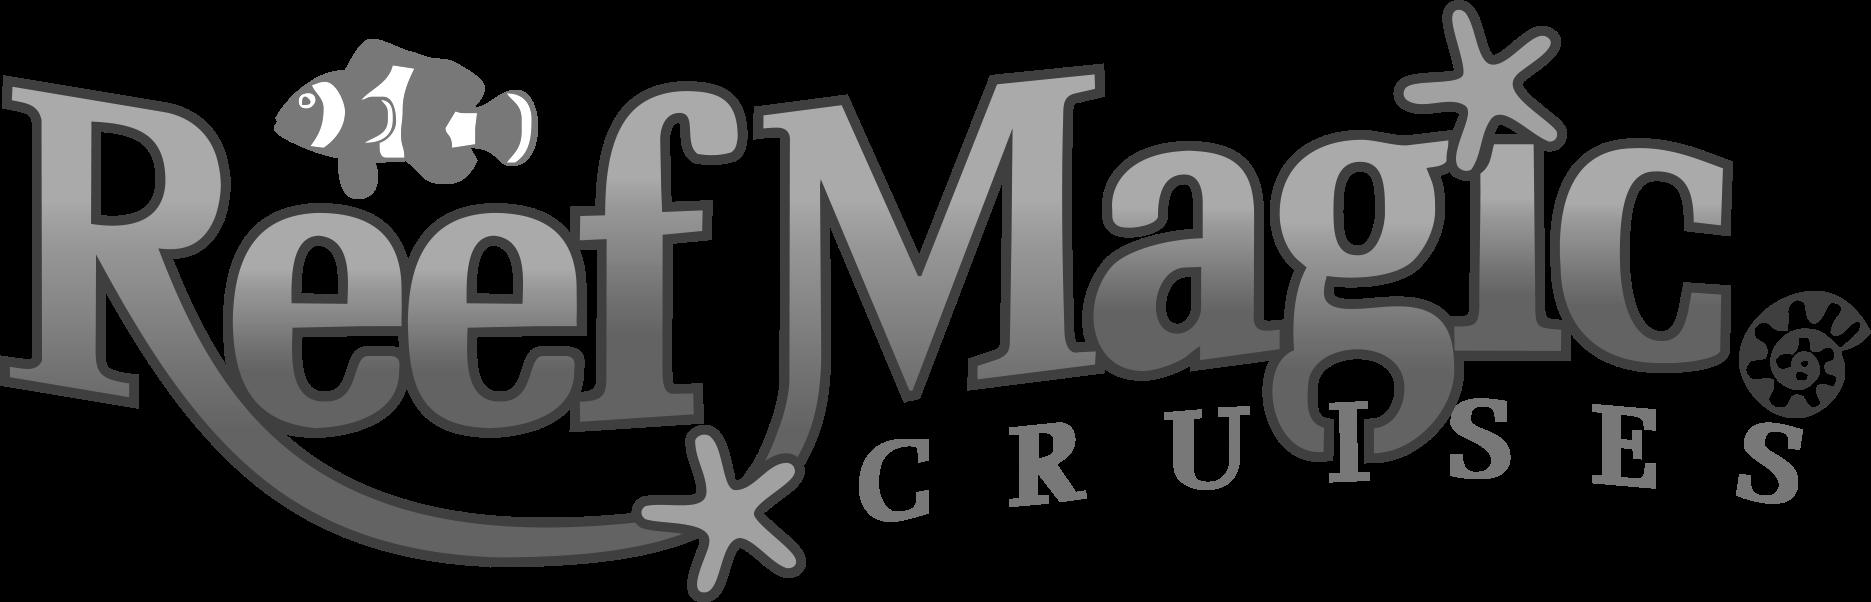 Reef Magic Cruises BnW